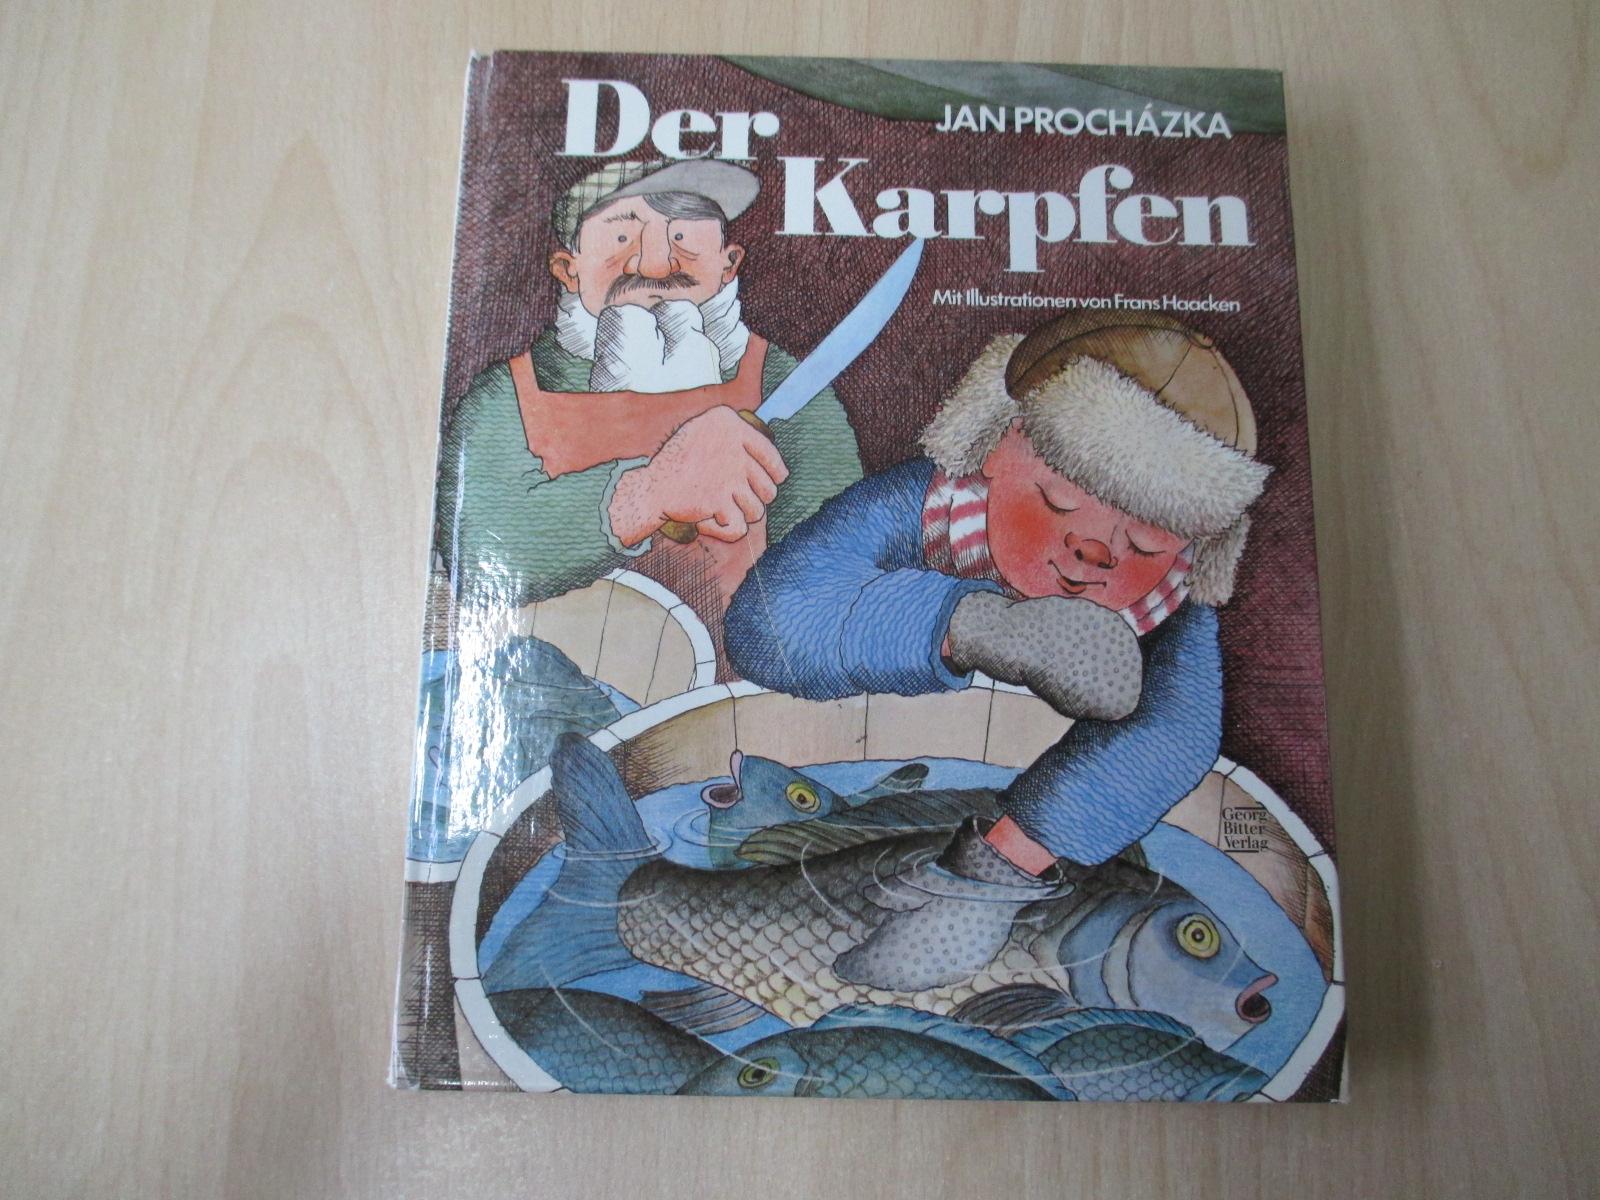 Der Karpfen Mit Federzeichnungen von Frans Haacken - Prochazka, Jan